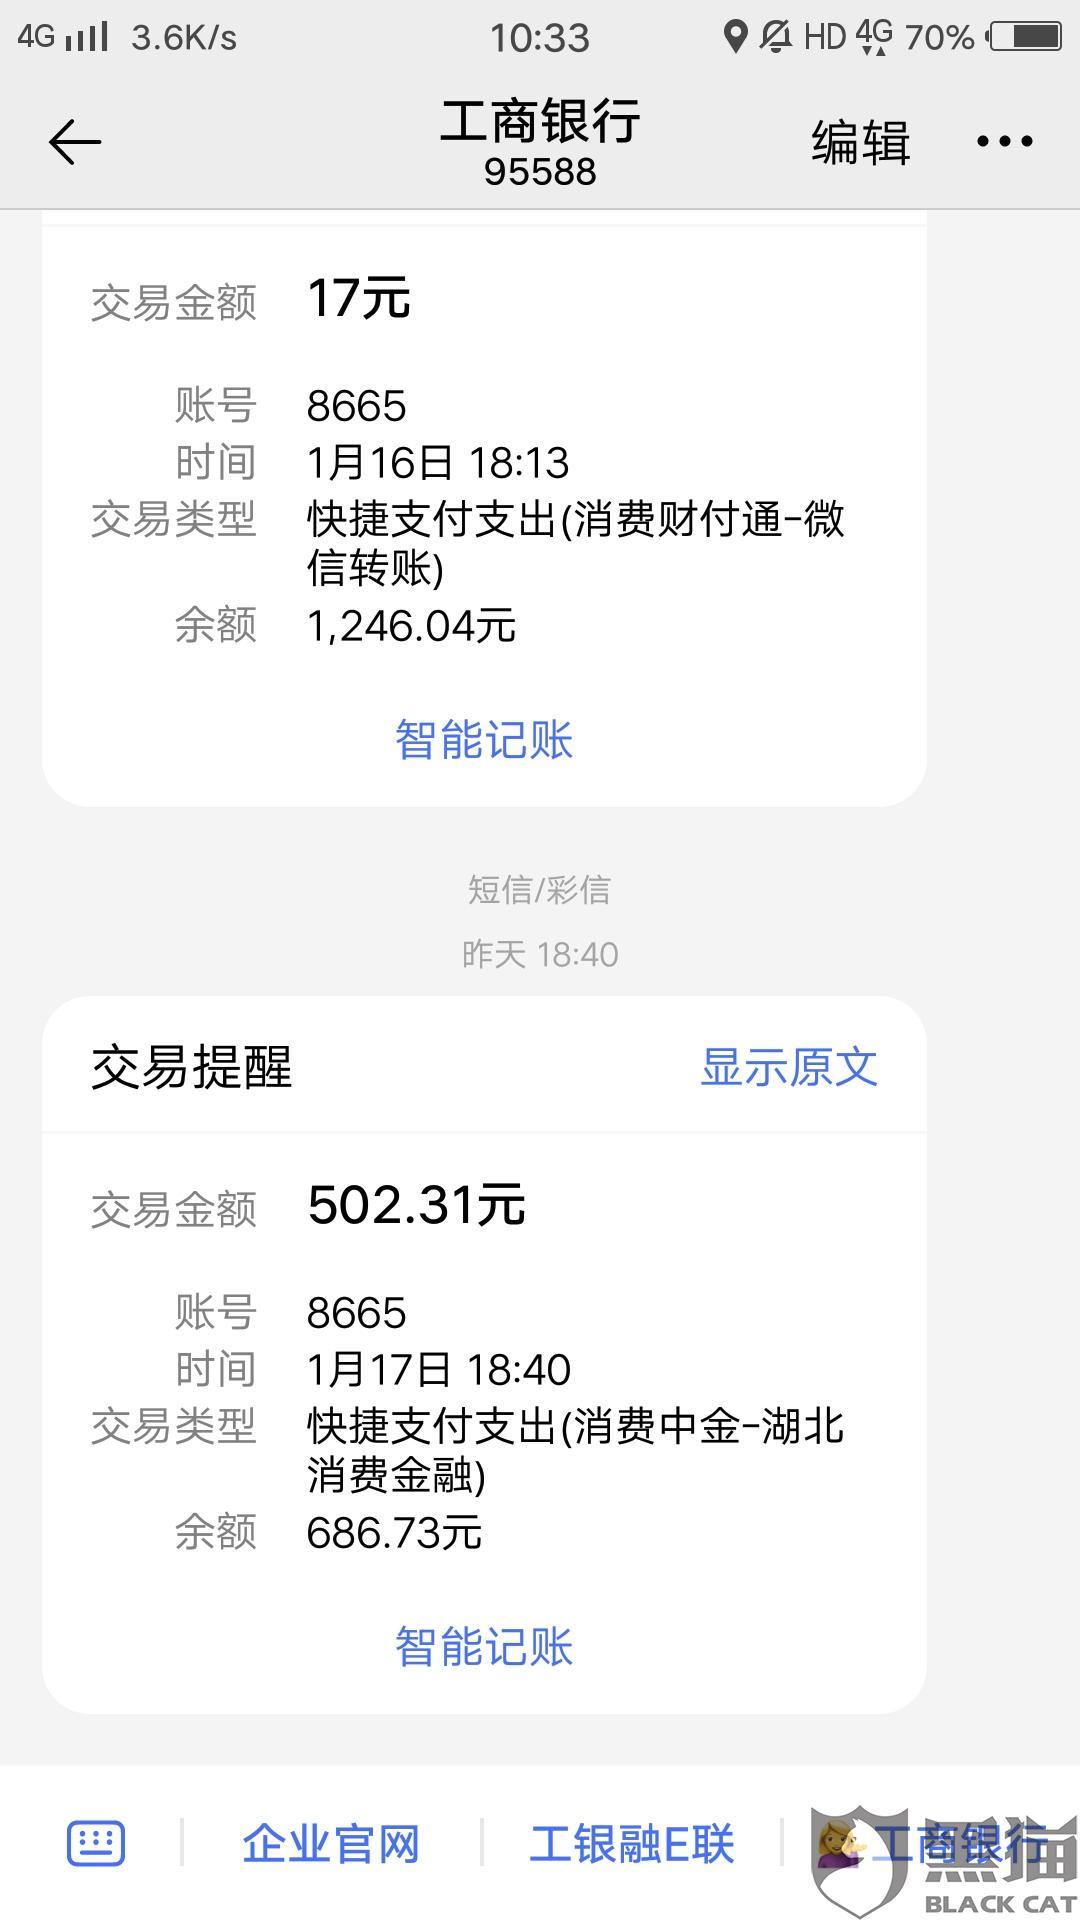 黑猫投诉:中金 湖北消费金融无故在我工商银行账户扣款人民币502.31元